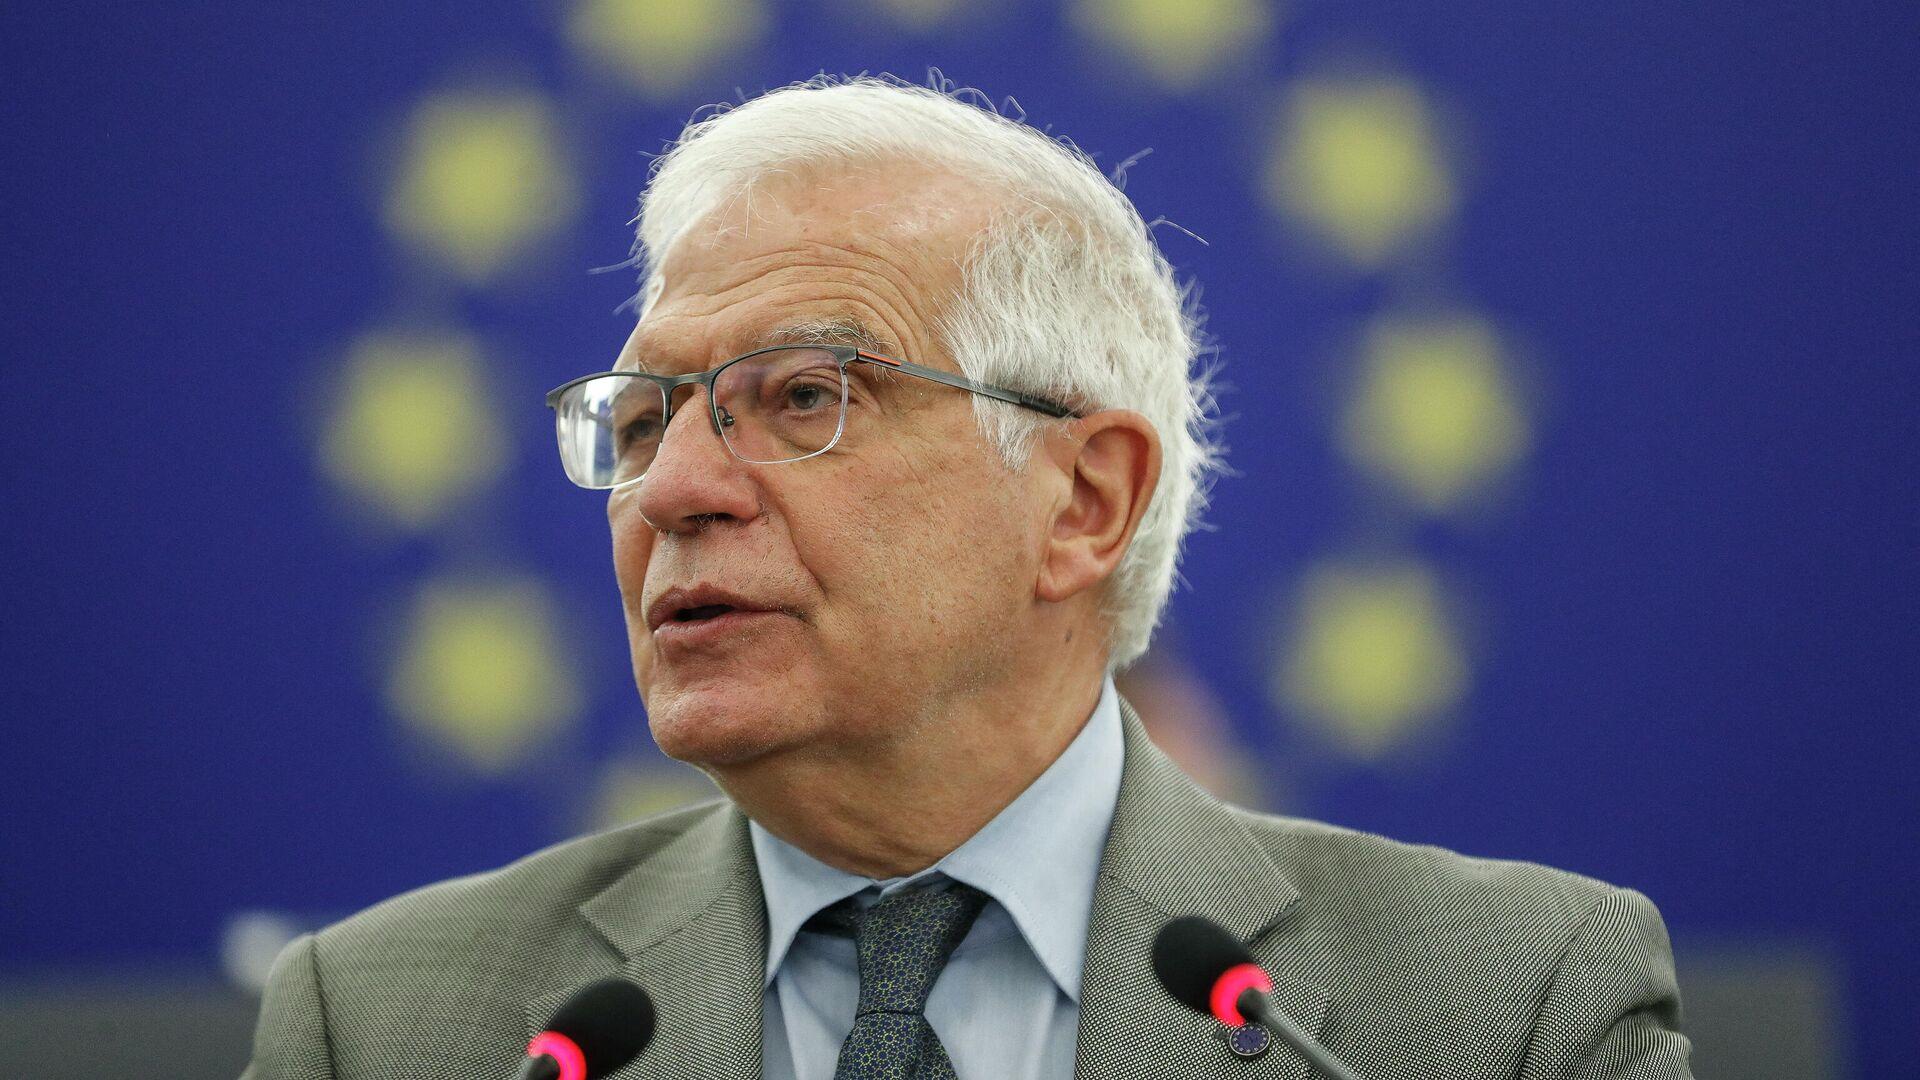 El alto representante para la Política Exterior de la Unión Europea, Josep Borrell - Sputnik Mundo, 1920, 17.09.2021